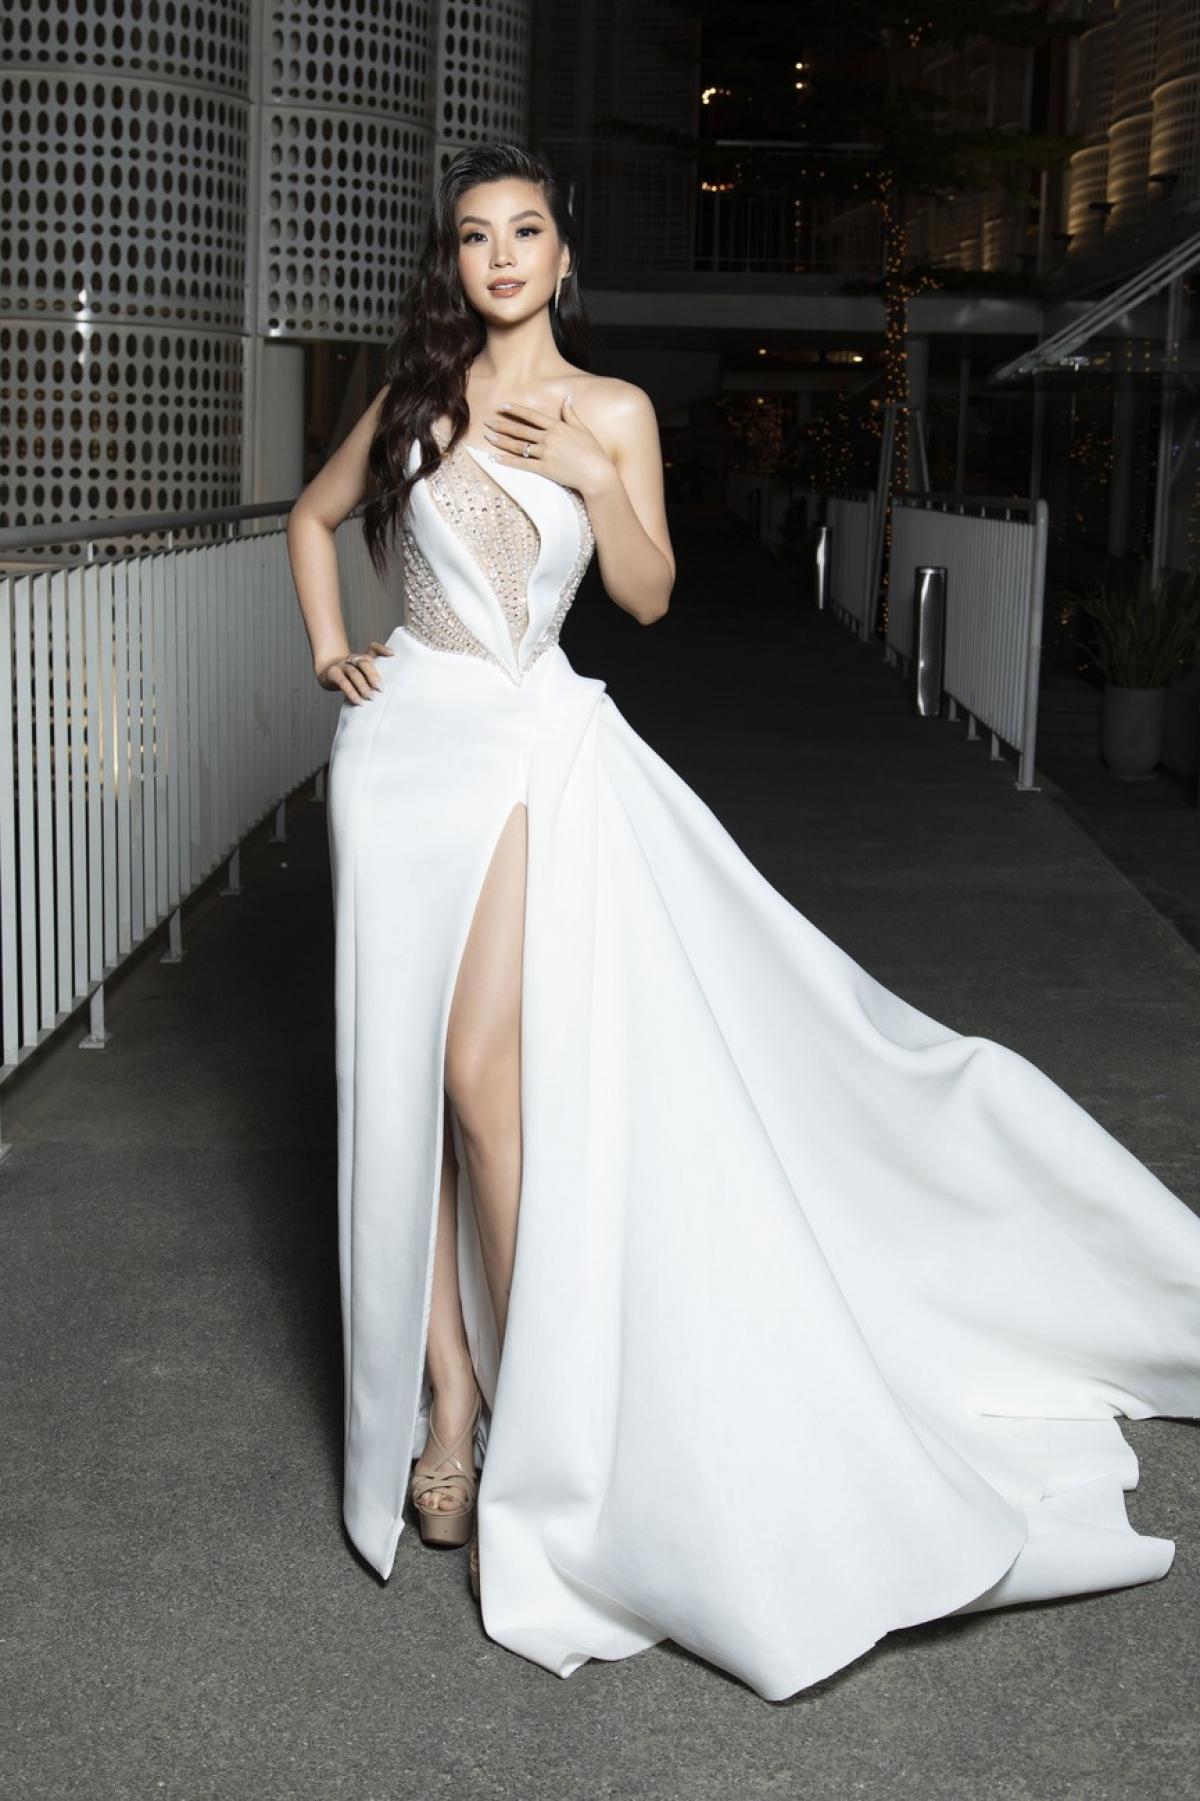 Á hậu Diễm Trang diện váy trắng tinh khôi, đẹp lộng lẫy tại sự kiện.